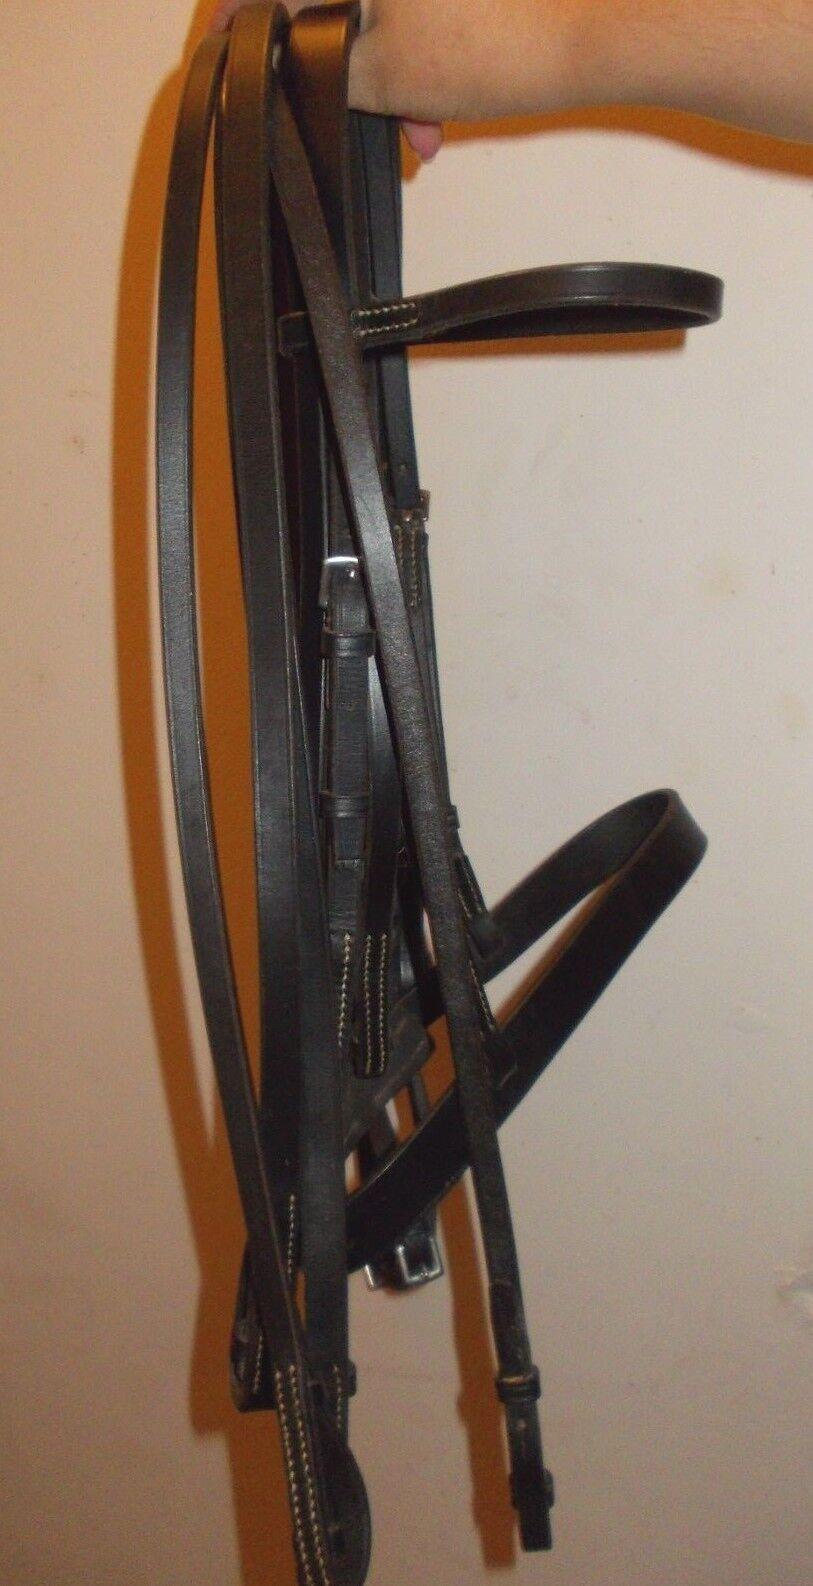 Jeffries double  bridle & reins  authentic quality